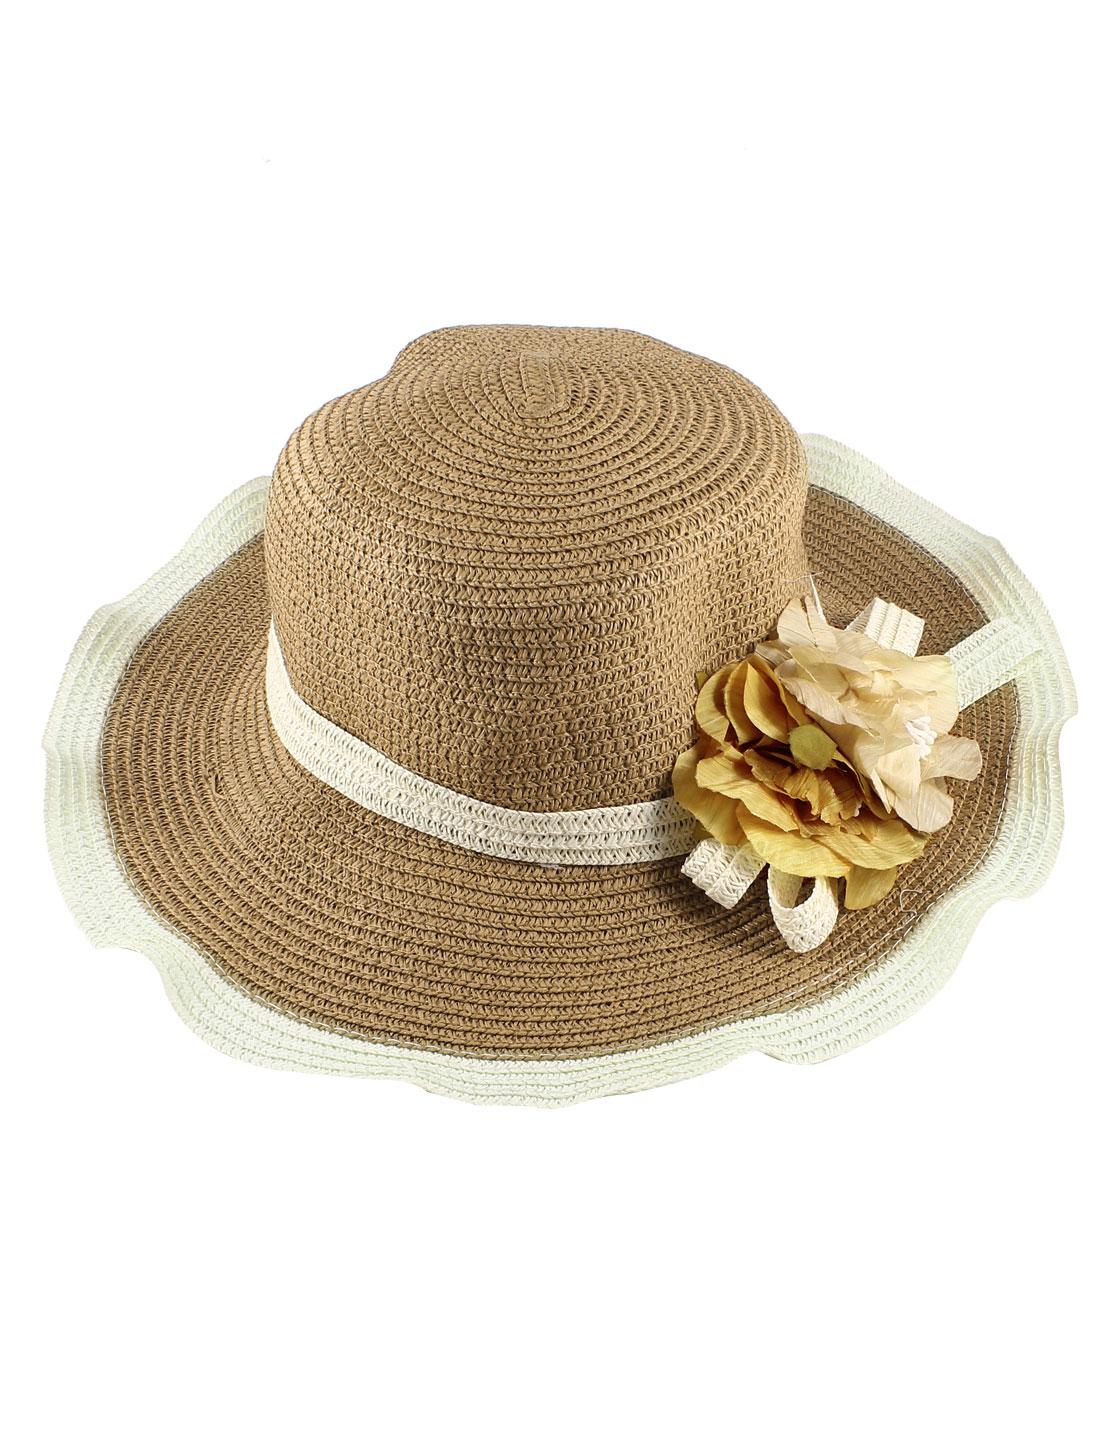 Ladies Beige Brown 3 1/8 inch Wide Brim Floral Accent Beach Sun Bucket Hat